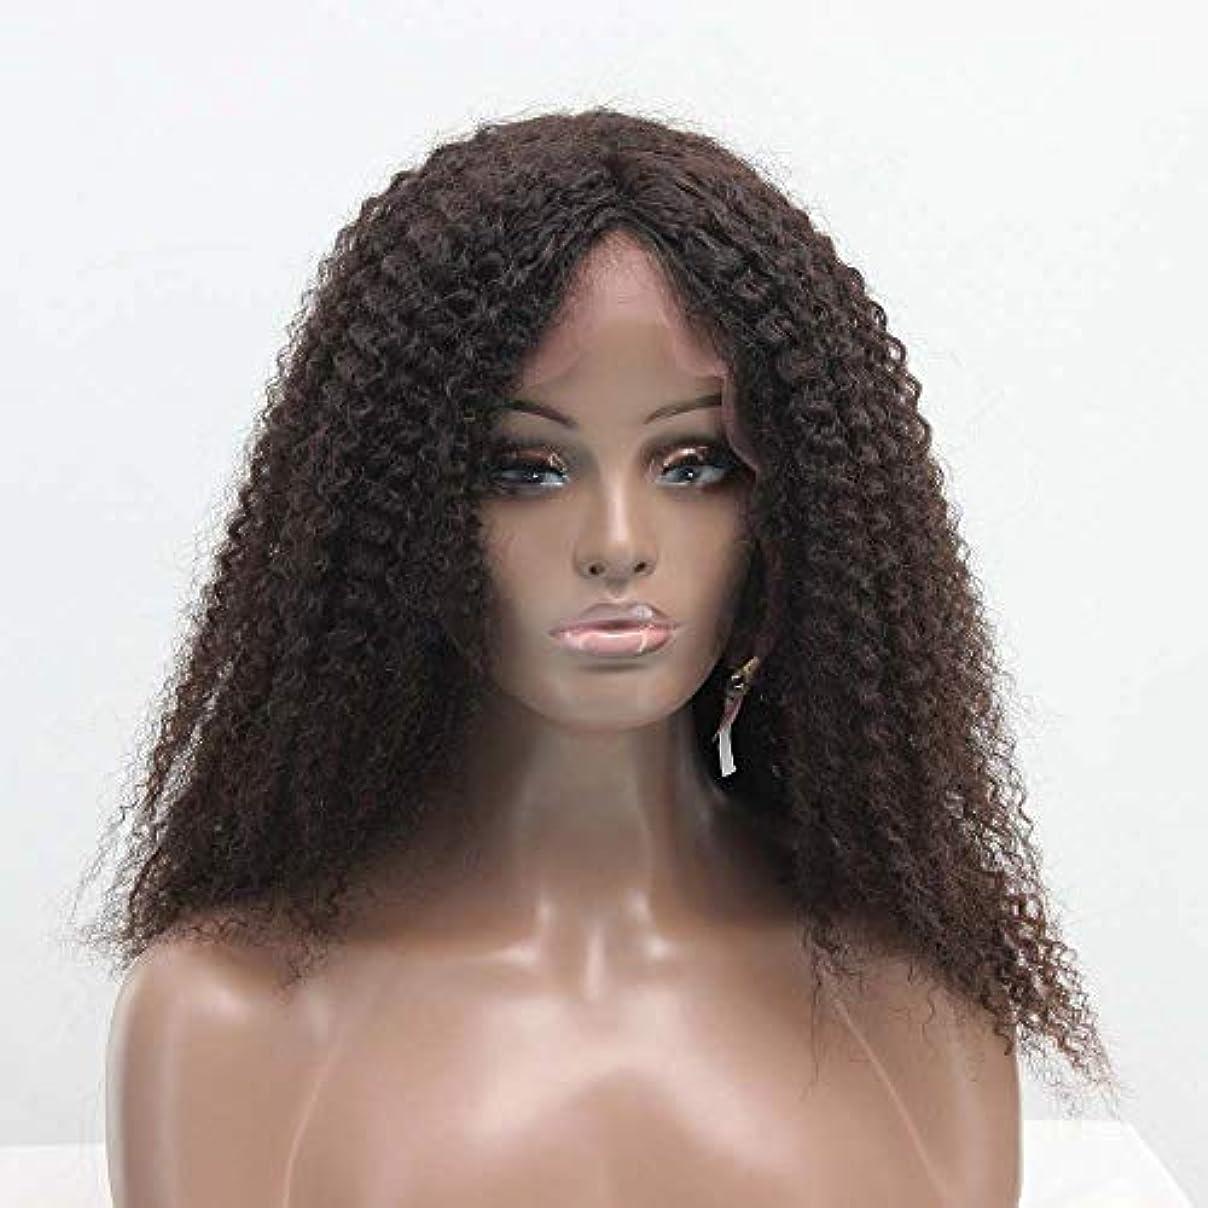 曲げる命令呪いZXF 真ん中と長い肩ふわふわフル手織り本物の髪の絹のフロントレースアフリカの小さな毛虫オールシーズン女性かつらセット 美しい (Size : 20